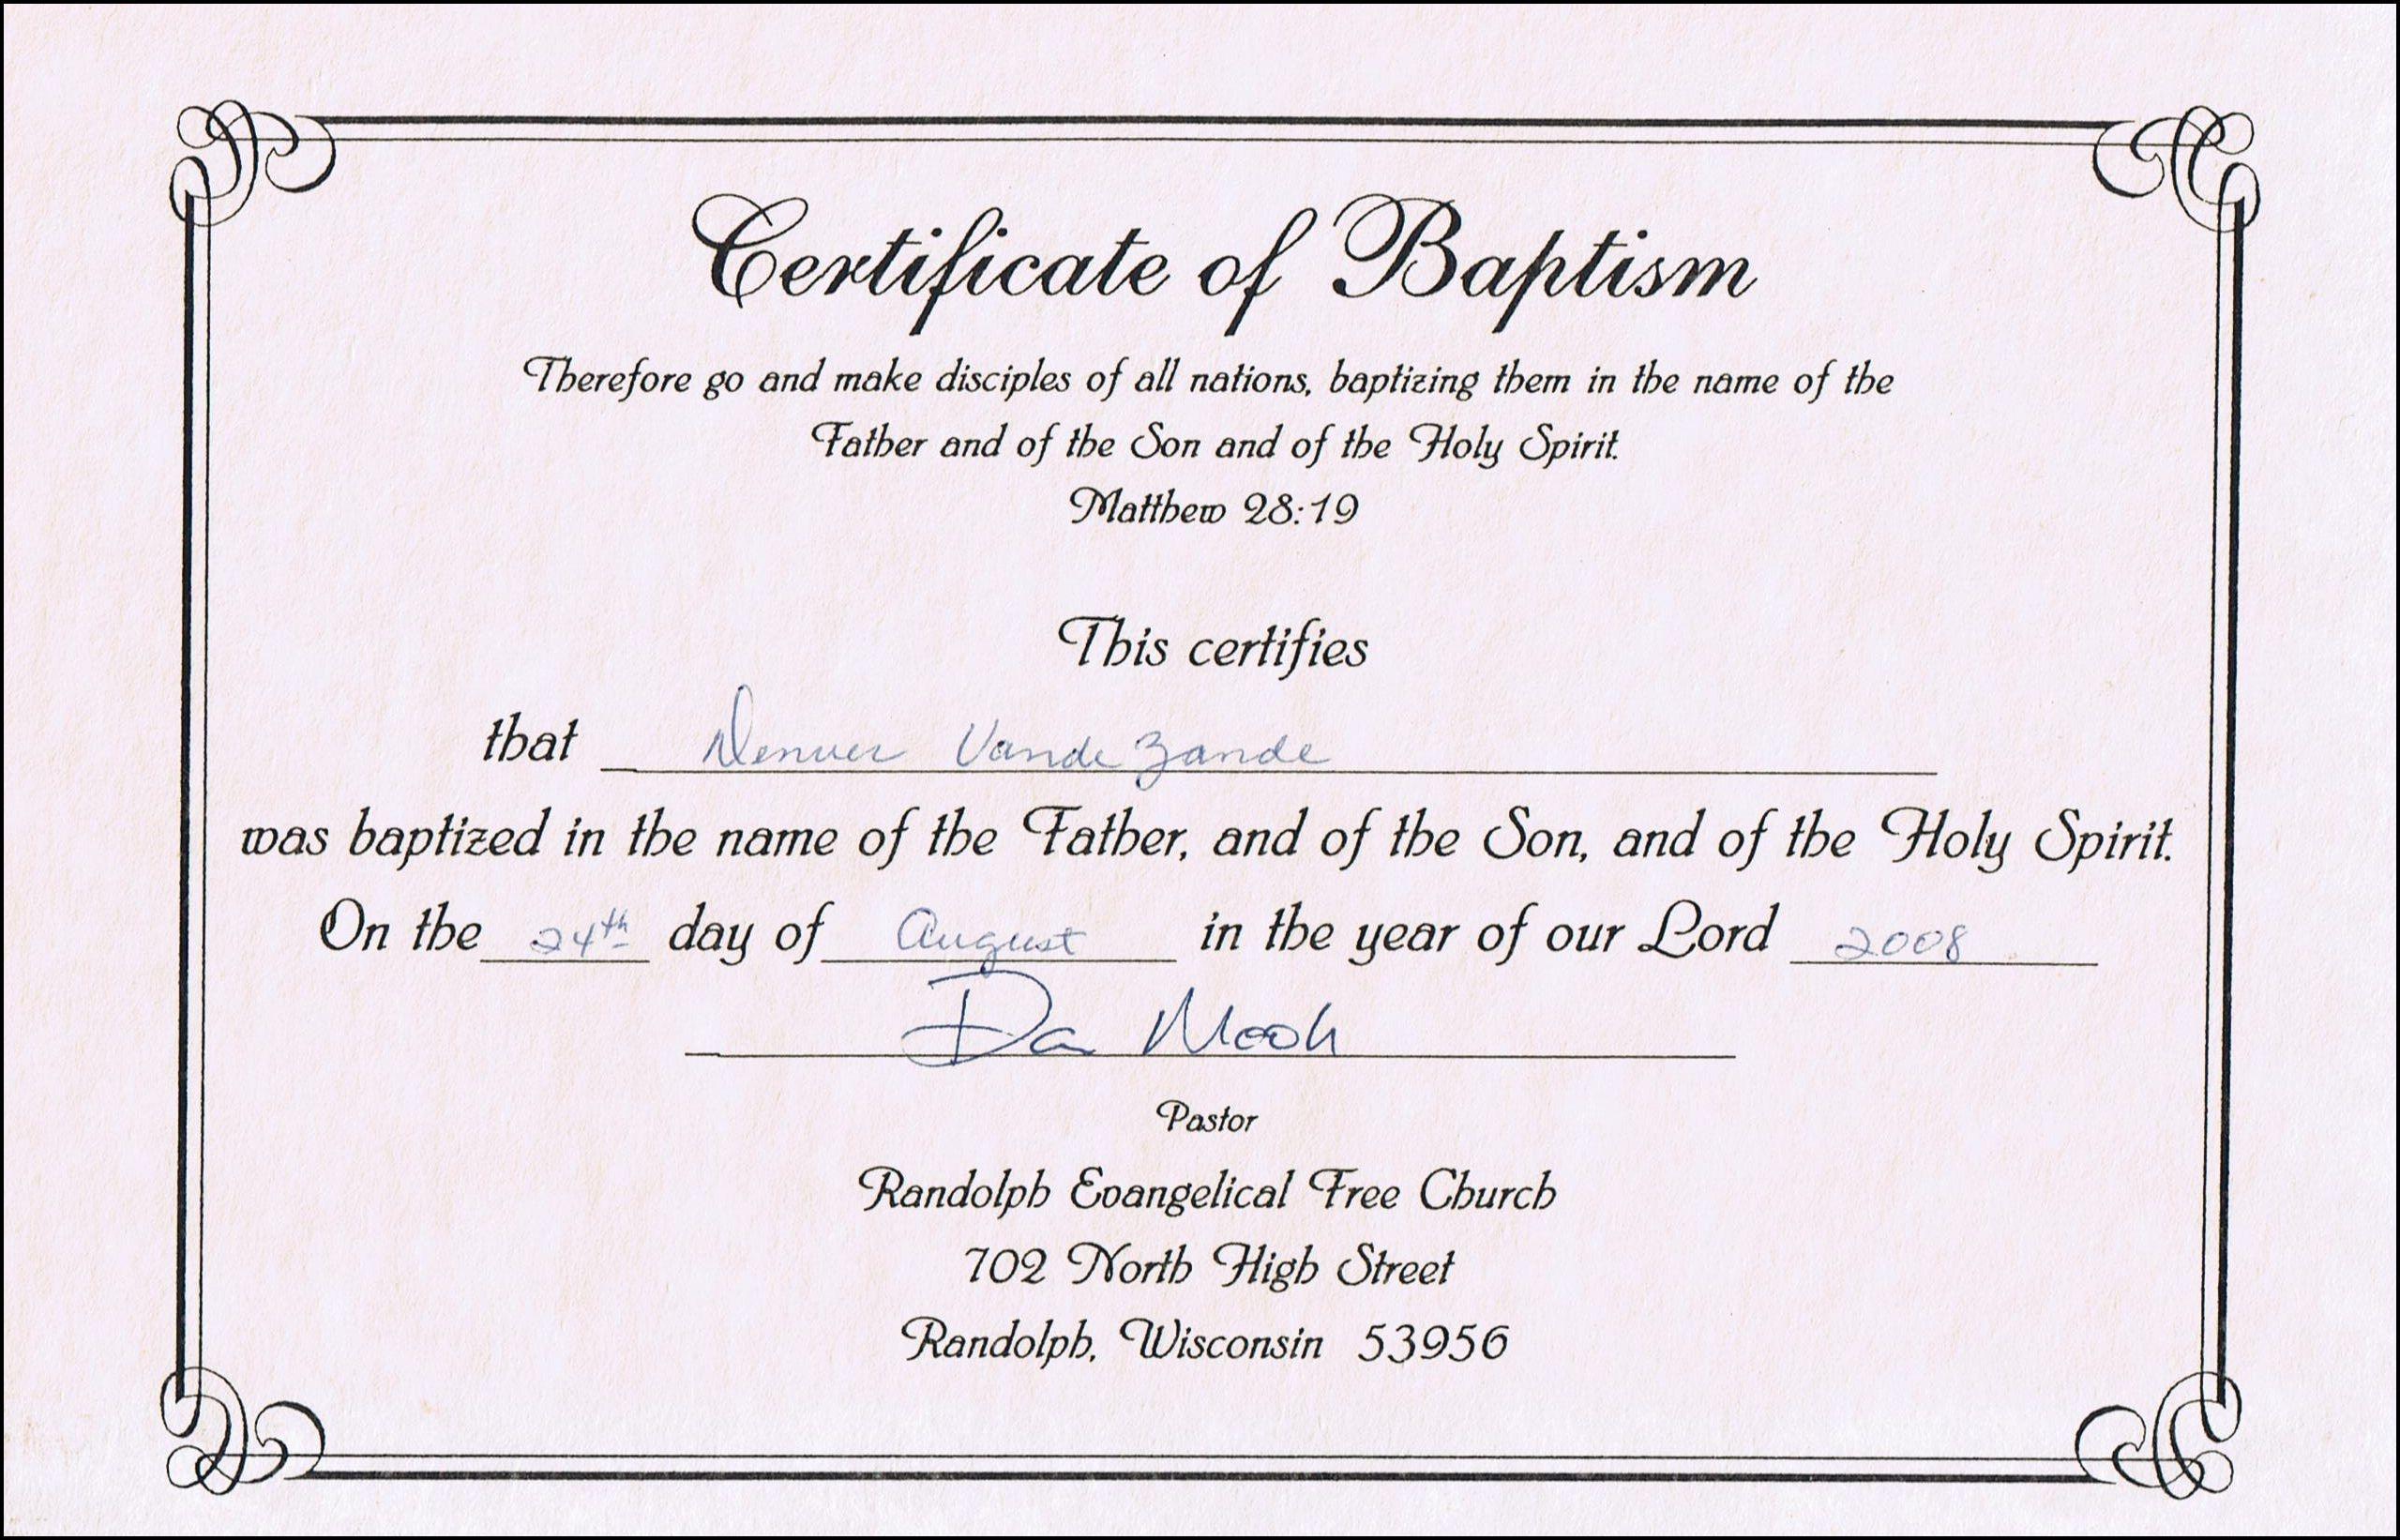 Baptism Certificates Free Online | Denver's Certificate Of Baptism - Free Baby Dedication Certificate Printable